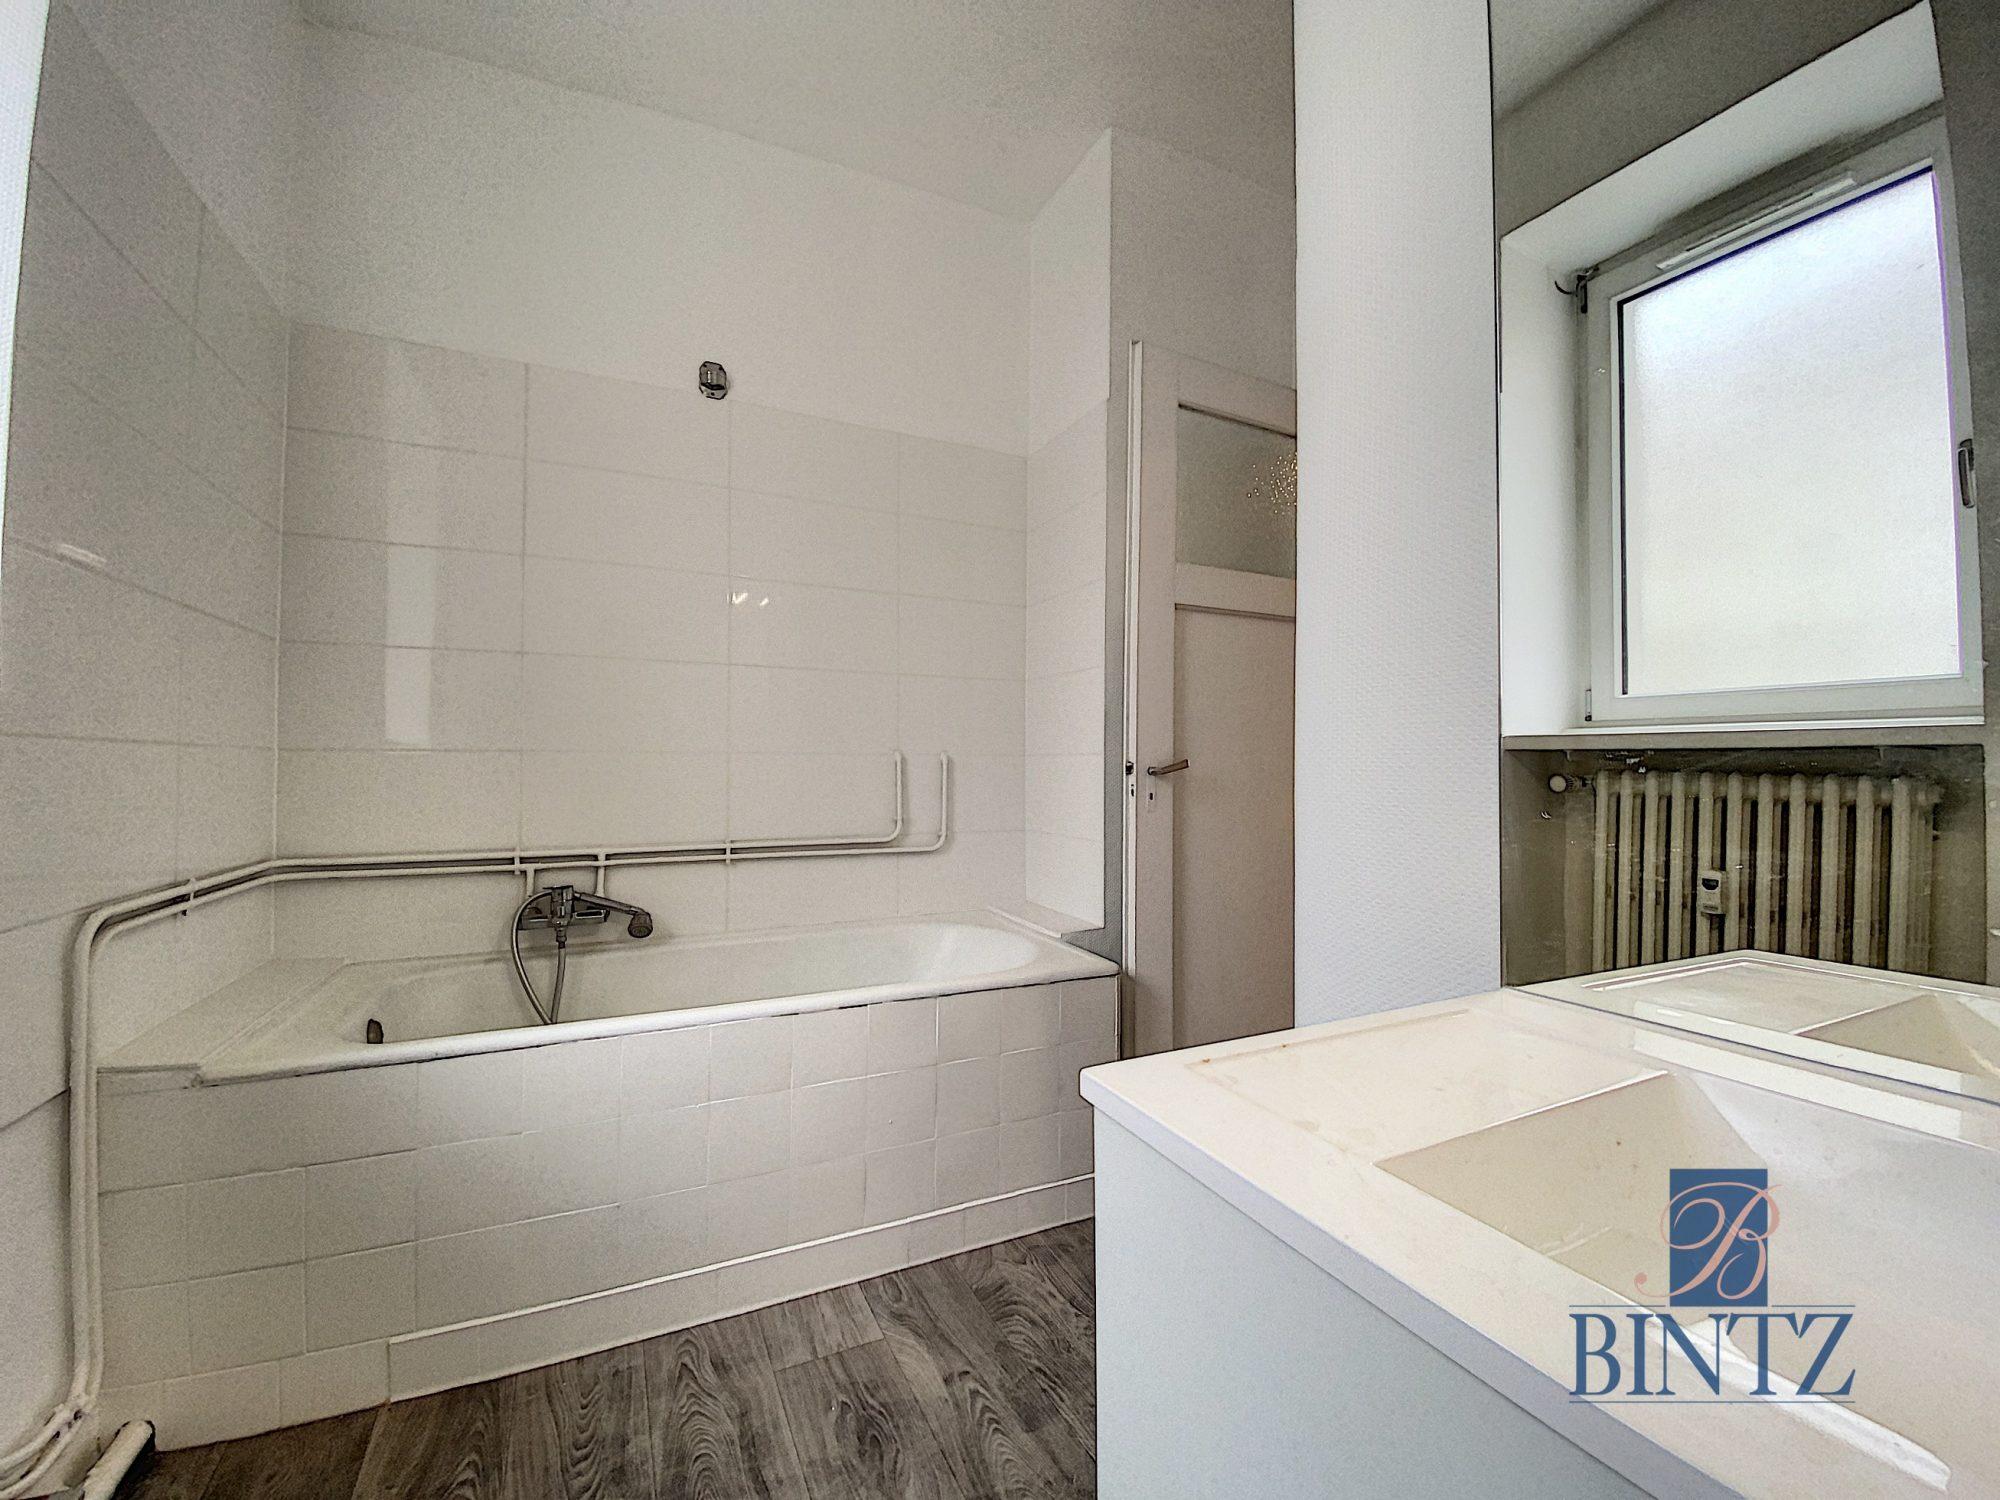 2 PIÈCES KRUTENAU - Devenez locataire en toute sérénité - Bintz Immobilier - 10